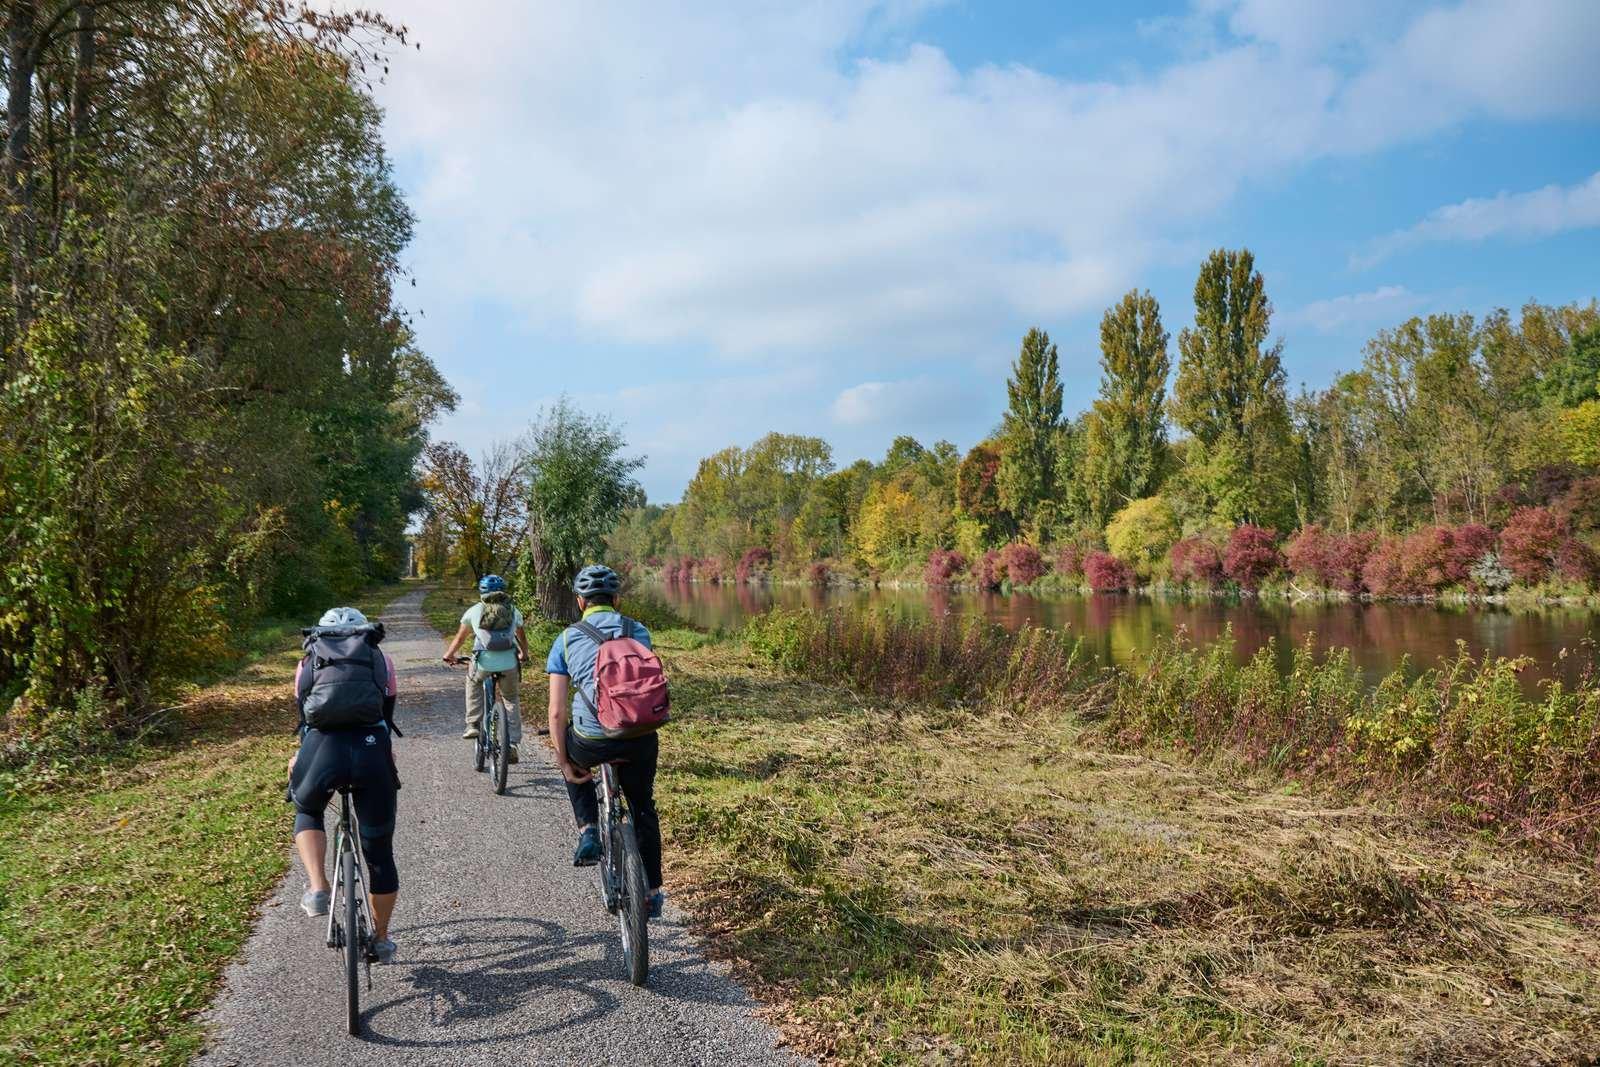 Radlspaß für die ganze Familie auf dem Isar-Radweg